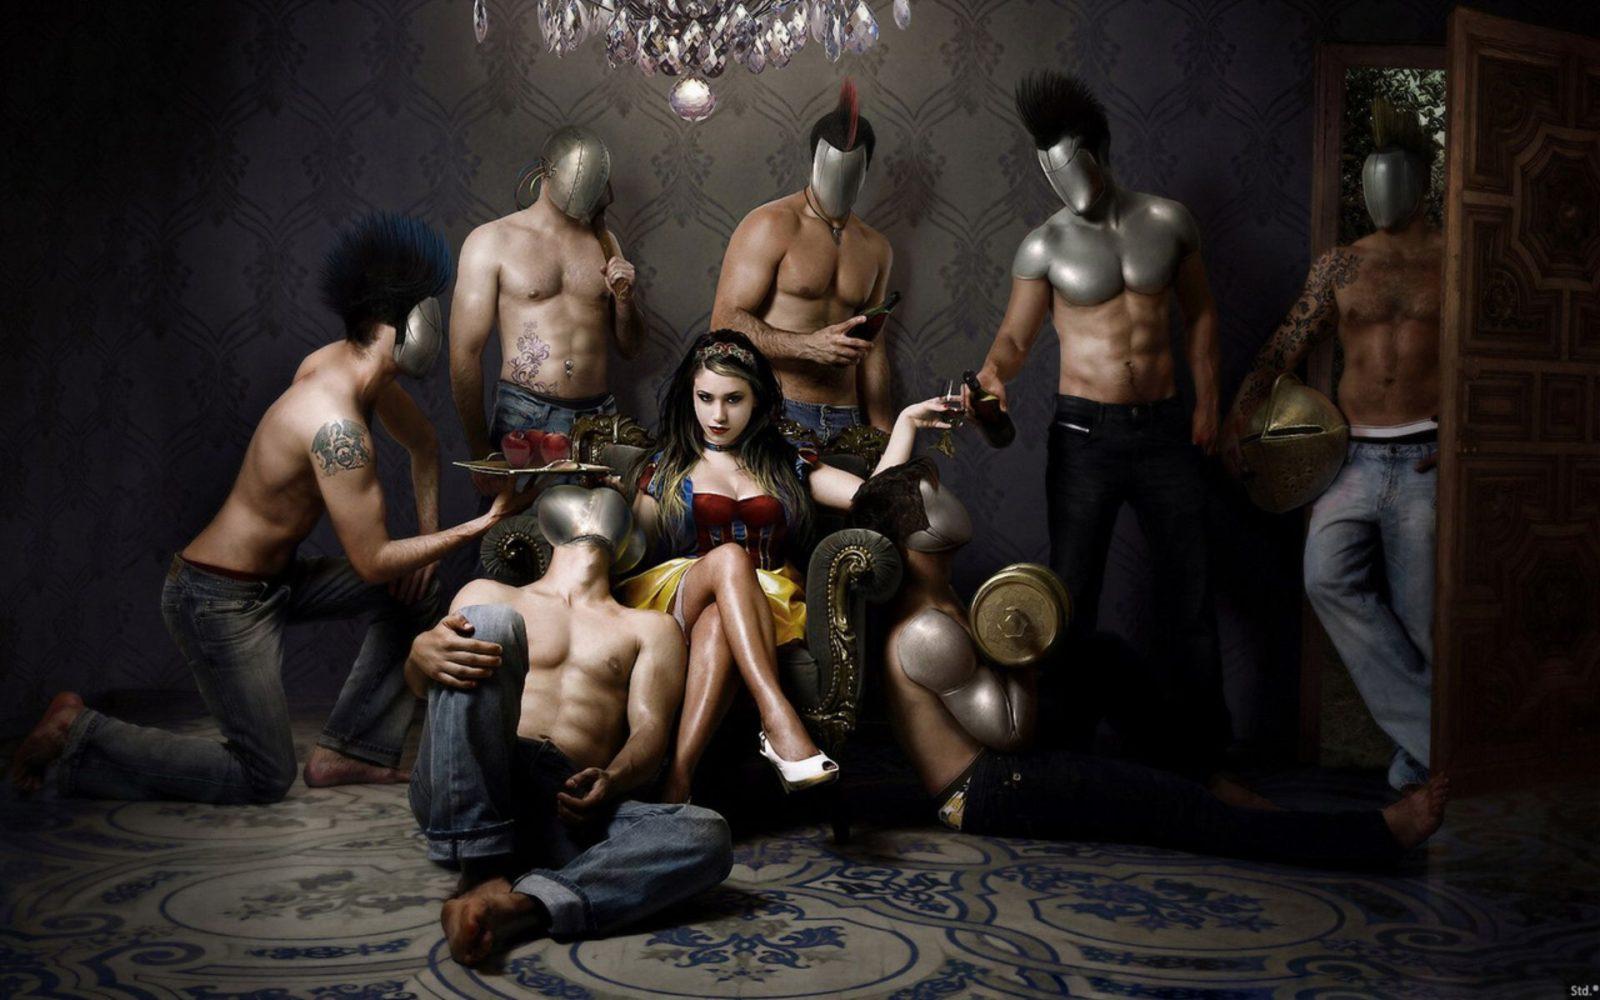 необычная ,парень с девушкой,выразительные глаза,сексуальная девушка,эропоза,эропортрет,сексуальная дама,сексуальная красотка,позы девушка,красотка,красотка в ,парень с девушкой эро,парень с девушкой эротика,парень с девушкой эротично,парень с девушкой сексуально,сексичика,секси чика,класная девка,класная девушка,расставание,парань с девушкой расстаются,вампир,свадьба, красивая свадьба,необычная свадьба,звездная свадьба,парень с девушкой на поляне,парень с девушкой в лесу,парань с девушкой в постели,парень с девушкой в кровати,девушка при деньгах,девушка в деньгах,девушка купается в деньгах, девушка эротично с деньгами,что? , вопросительный мужчина,вопросительное лицо,вопросительная эмоция,гороскоп,гороскоп на сегодня,картинки гороскоп,знак зодиака,лев,телец,водолей,стрелец,рак,козерог,змееносец,весы,скорпион,в машине